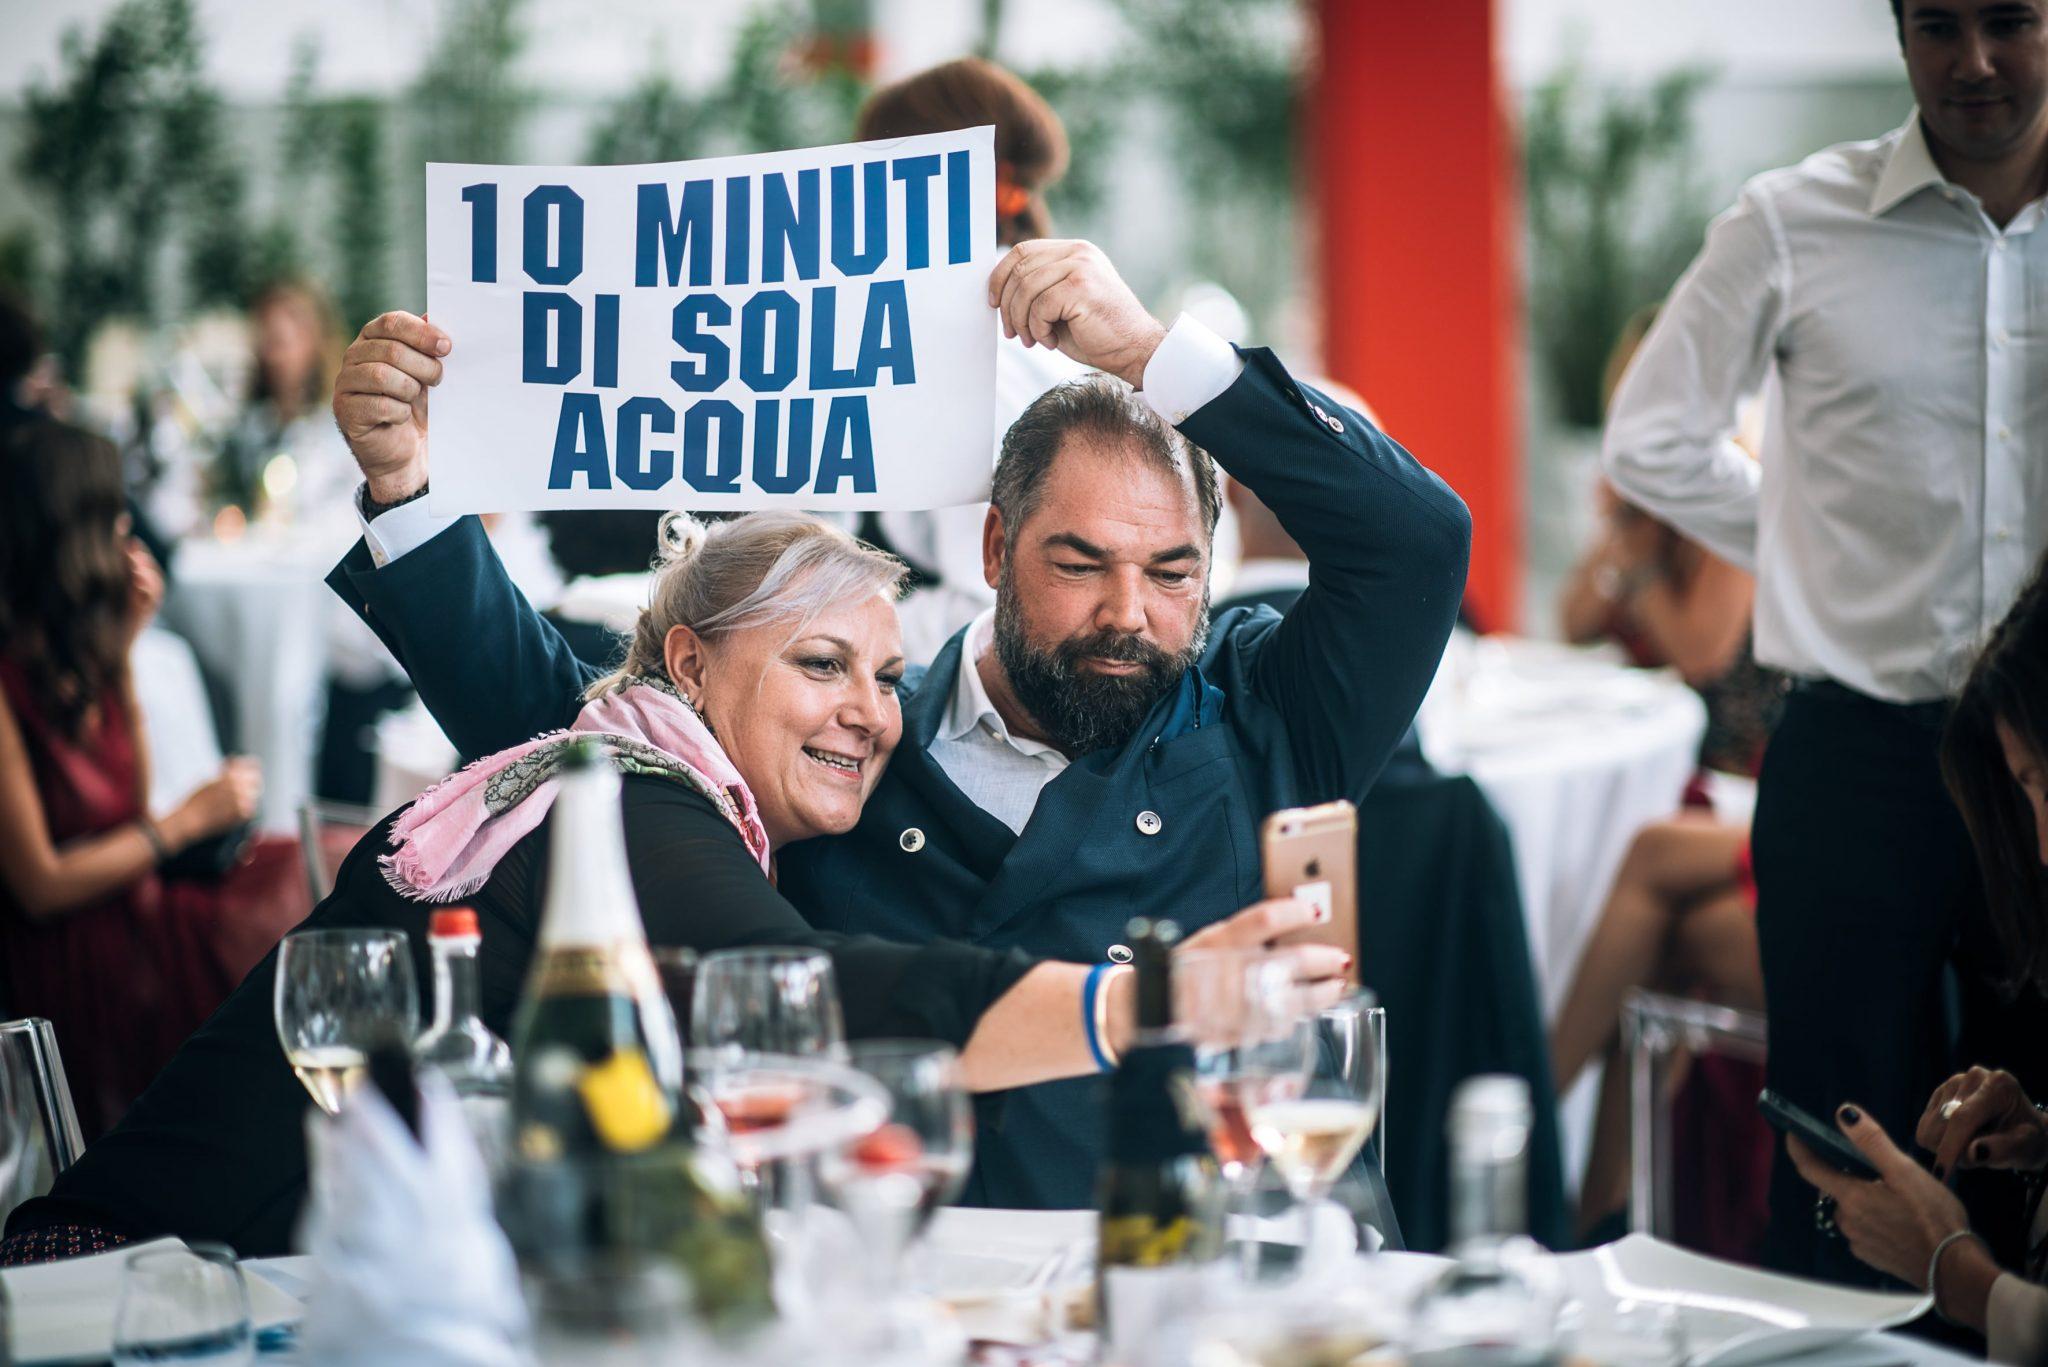 una coppia di invitati al matrimonio si scattano un selfie con un cartello durante il ricevimento